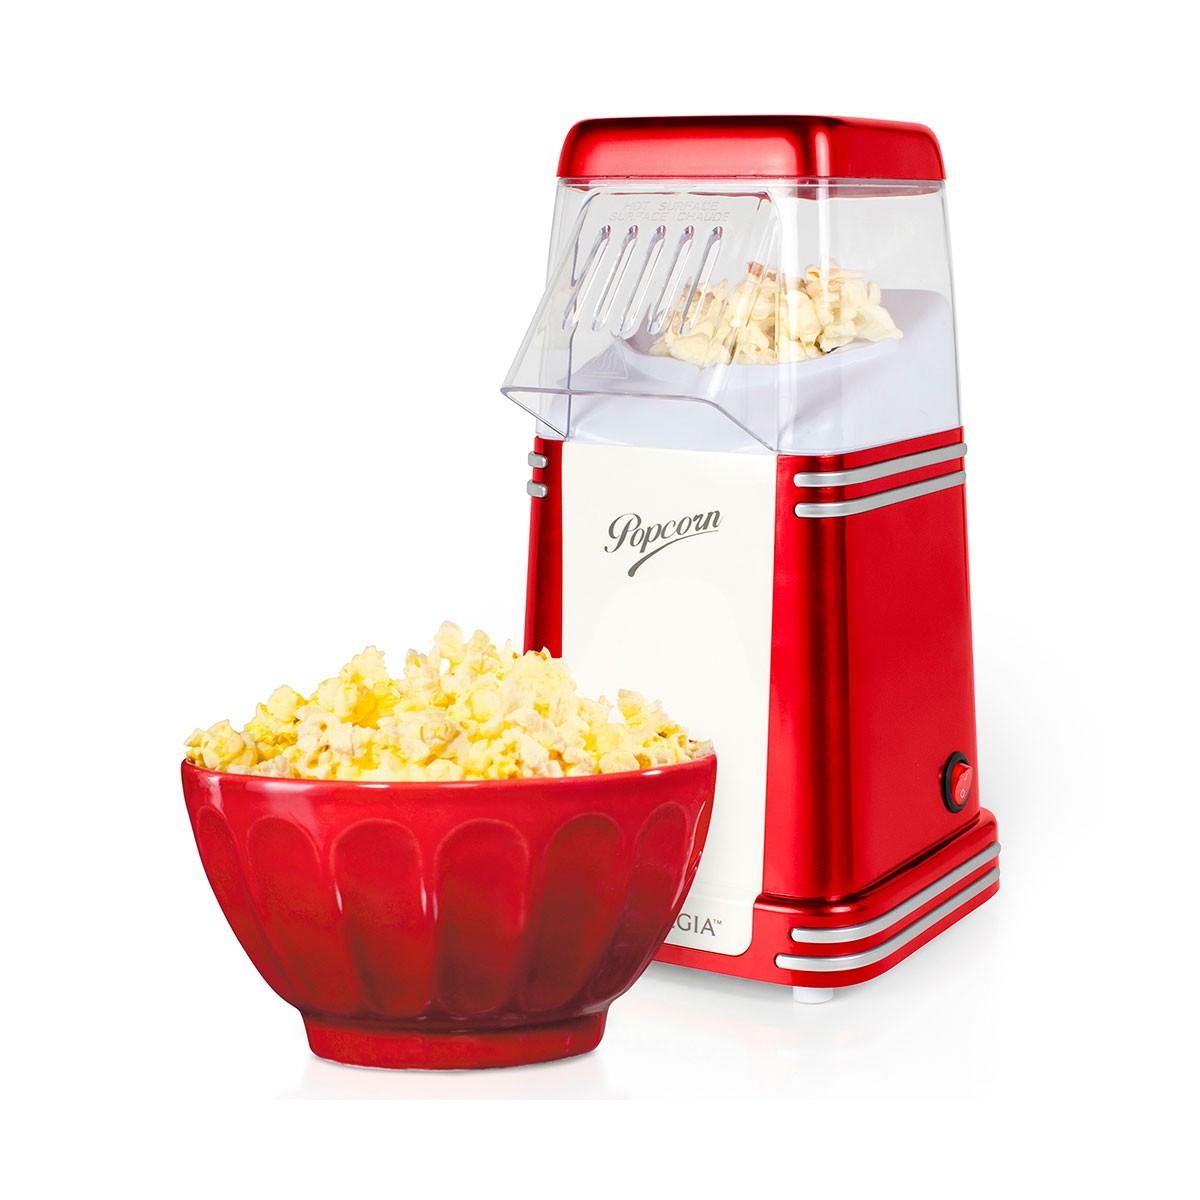 Mini Popcorn Popper